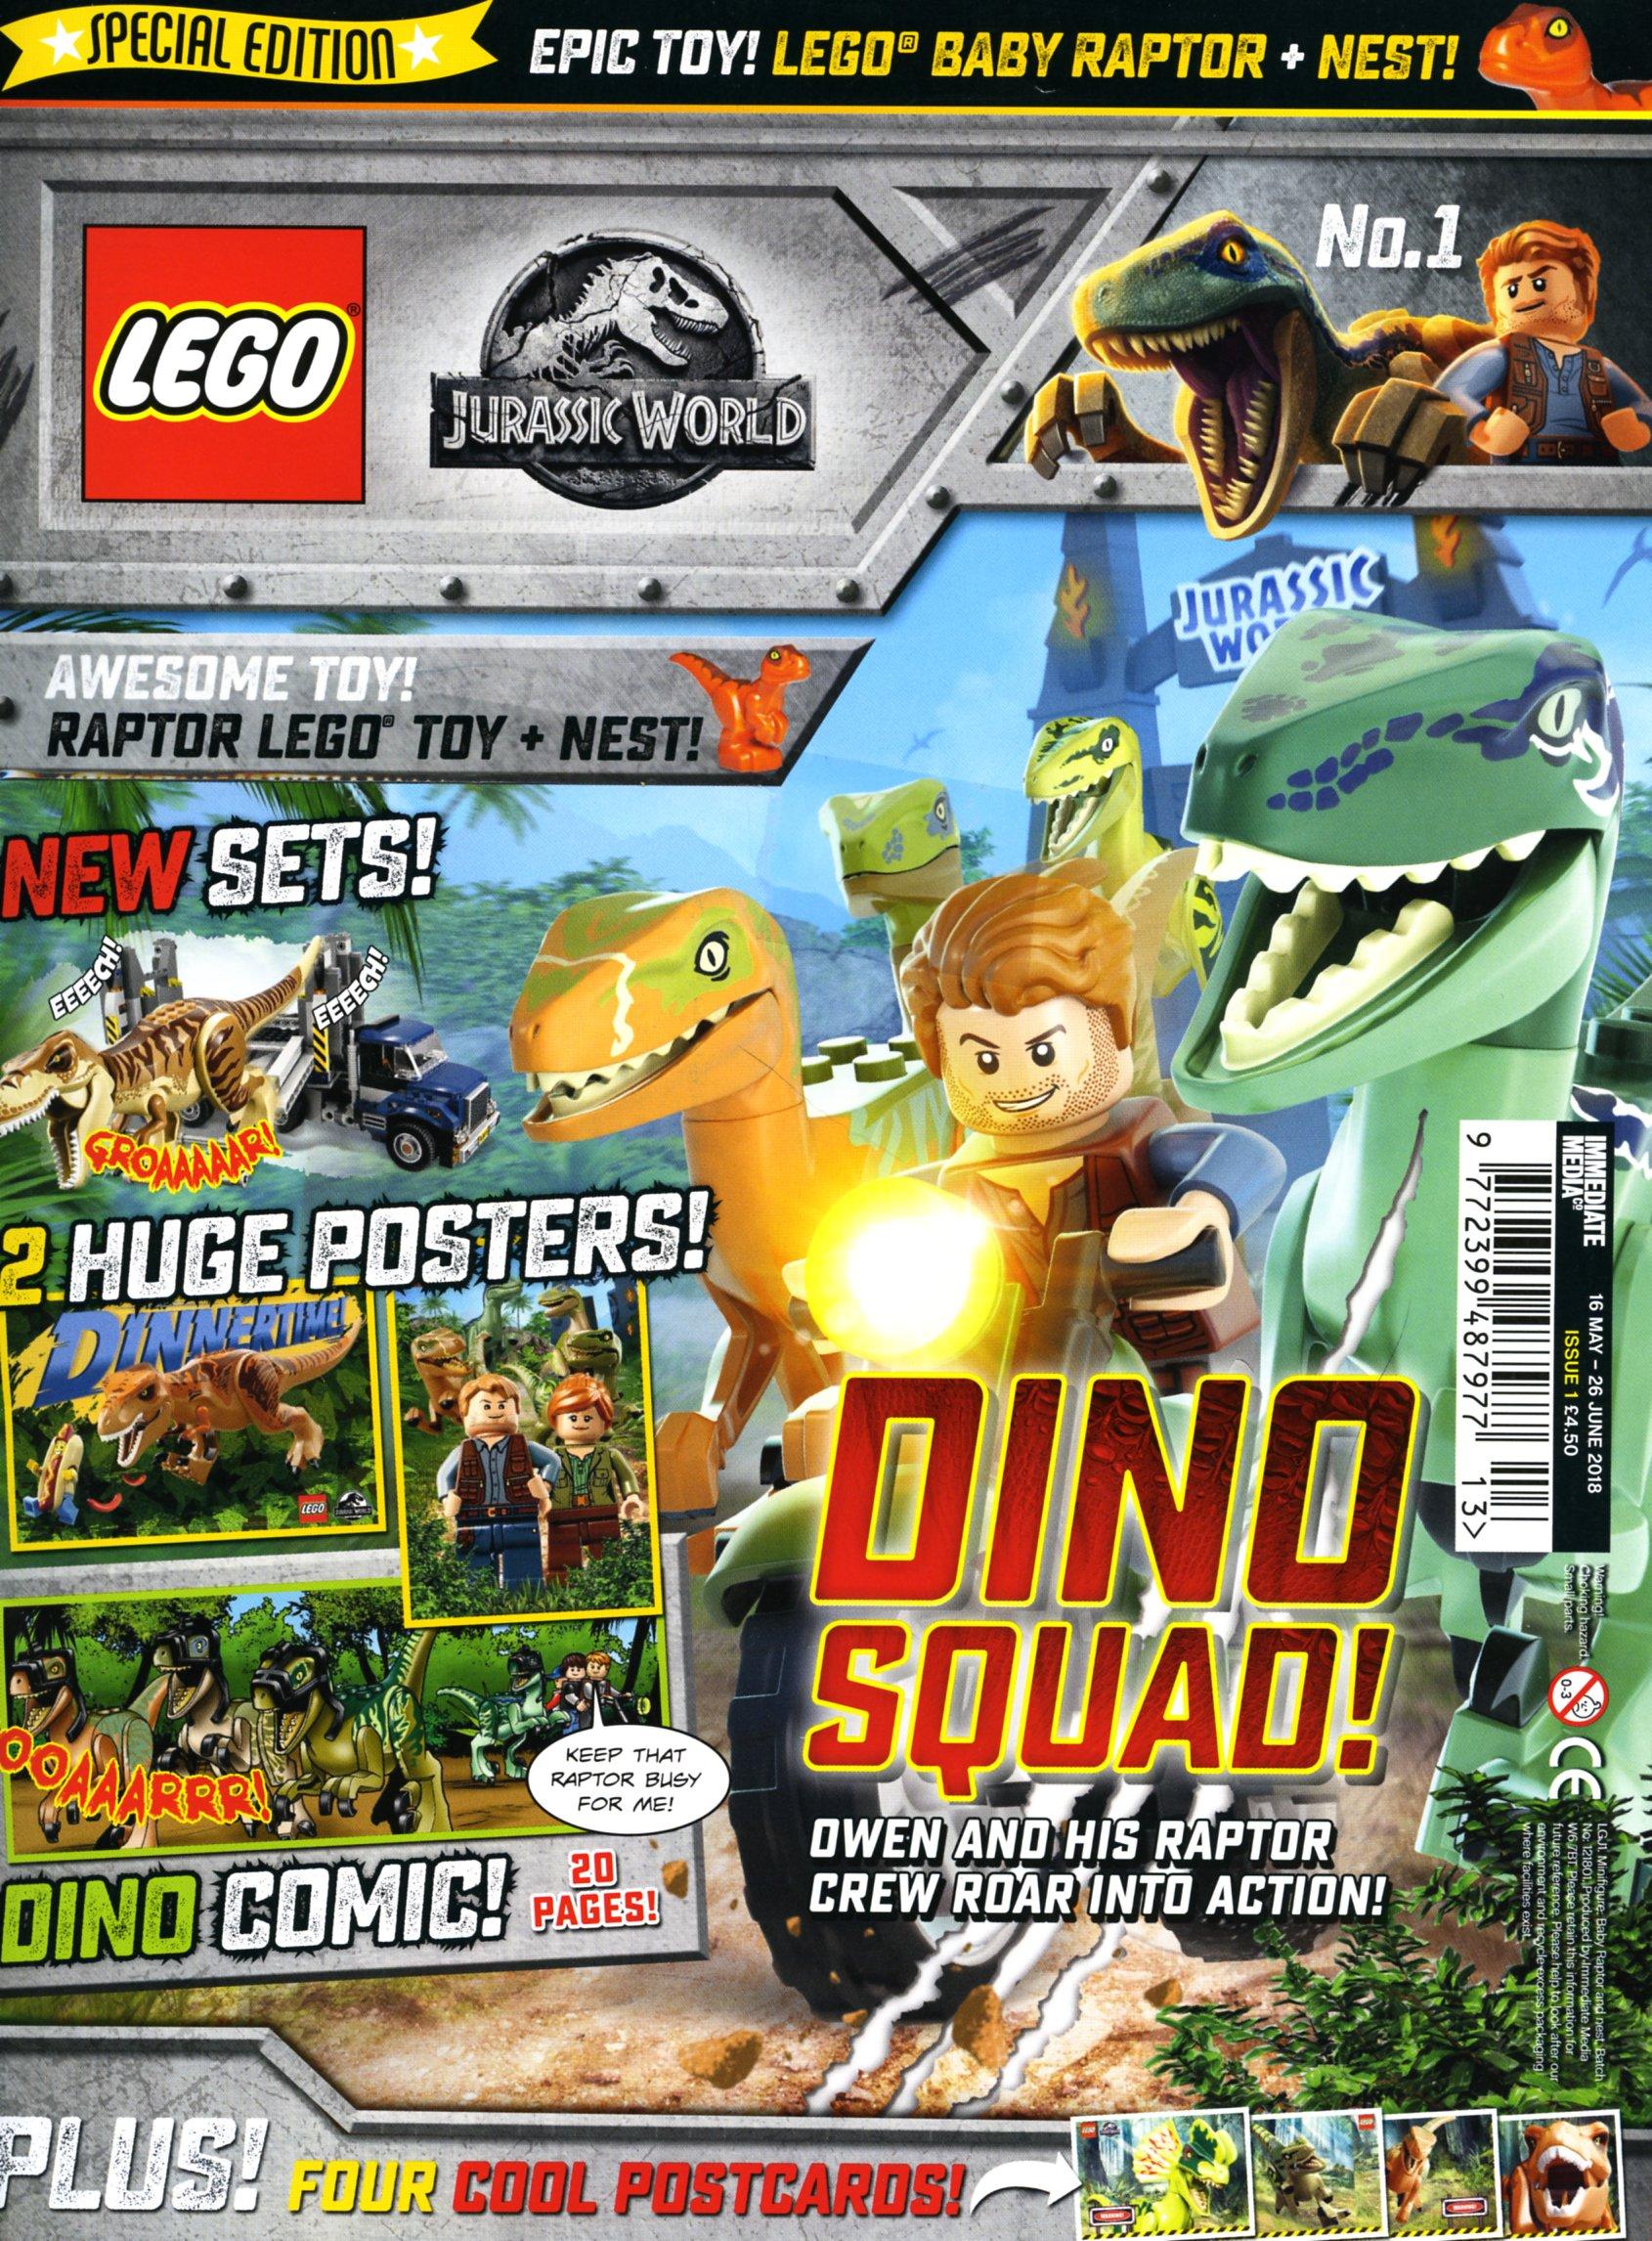 LEGO Jurassic World comic out today | Brickset: LEGO set